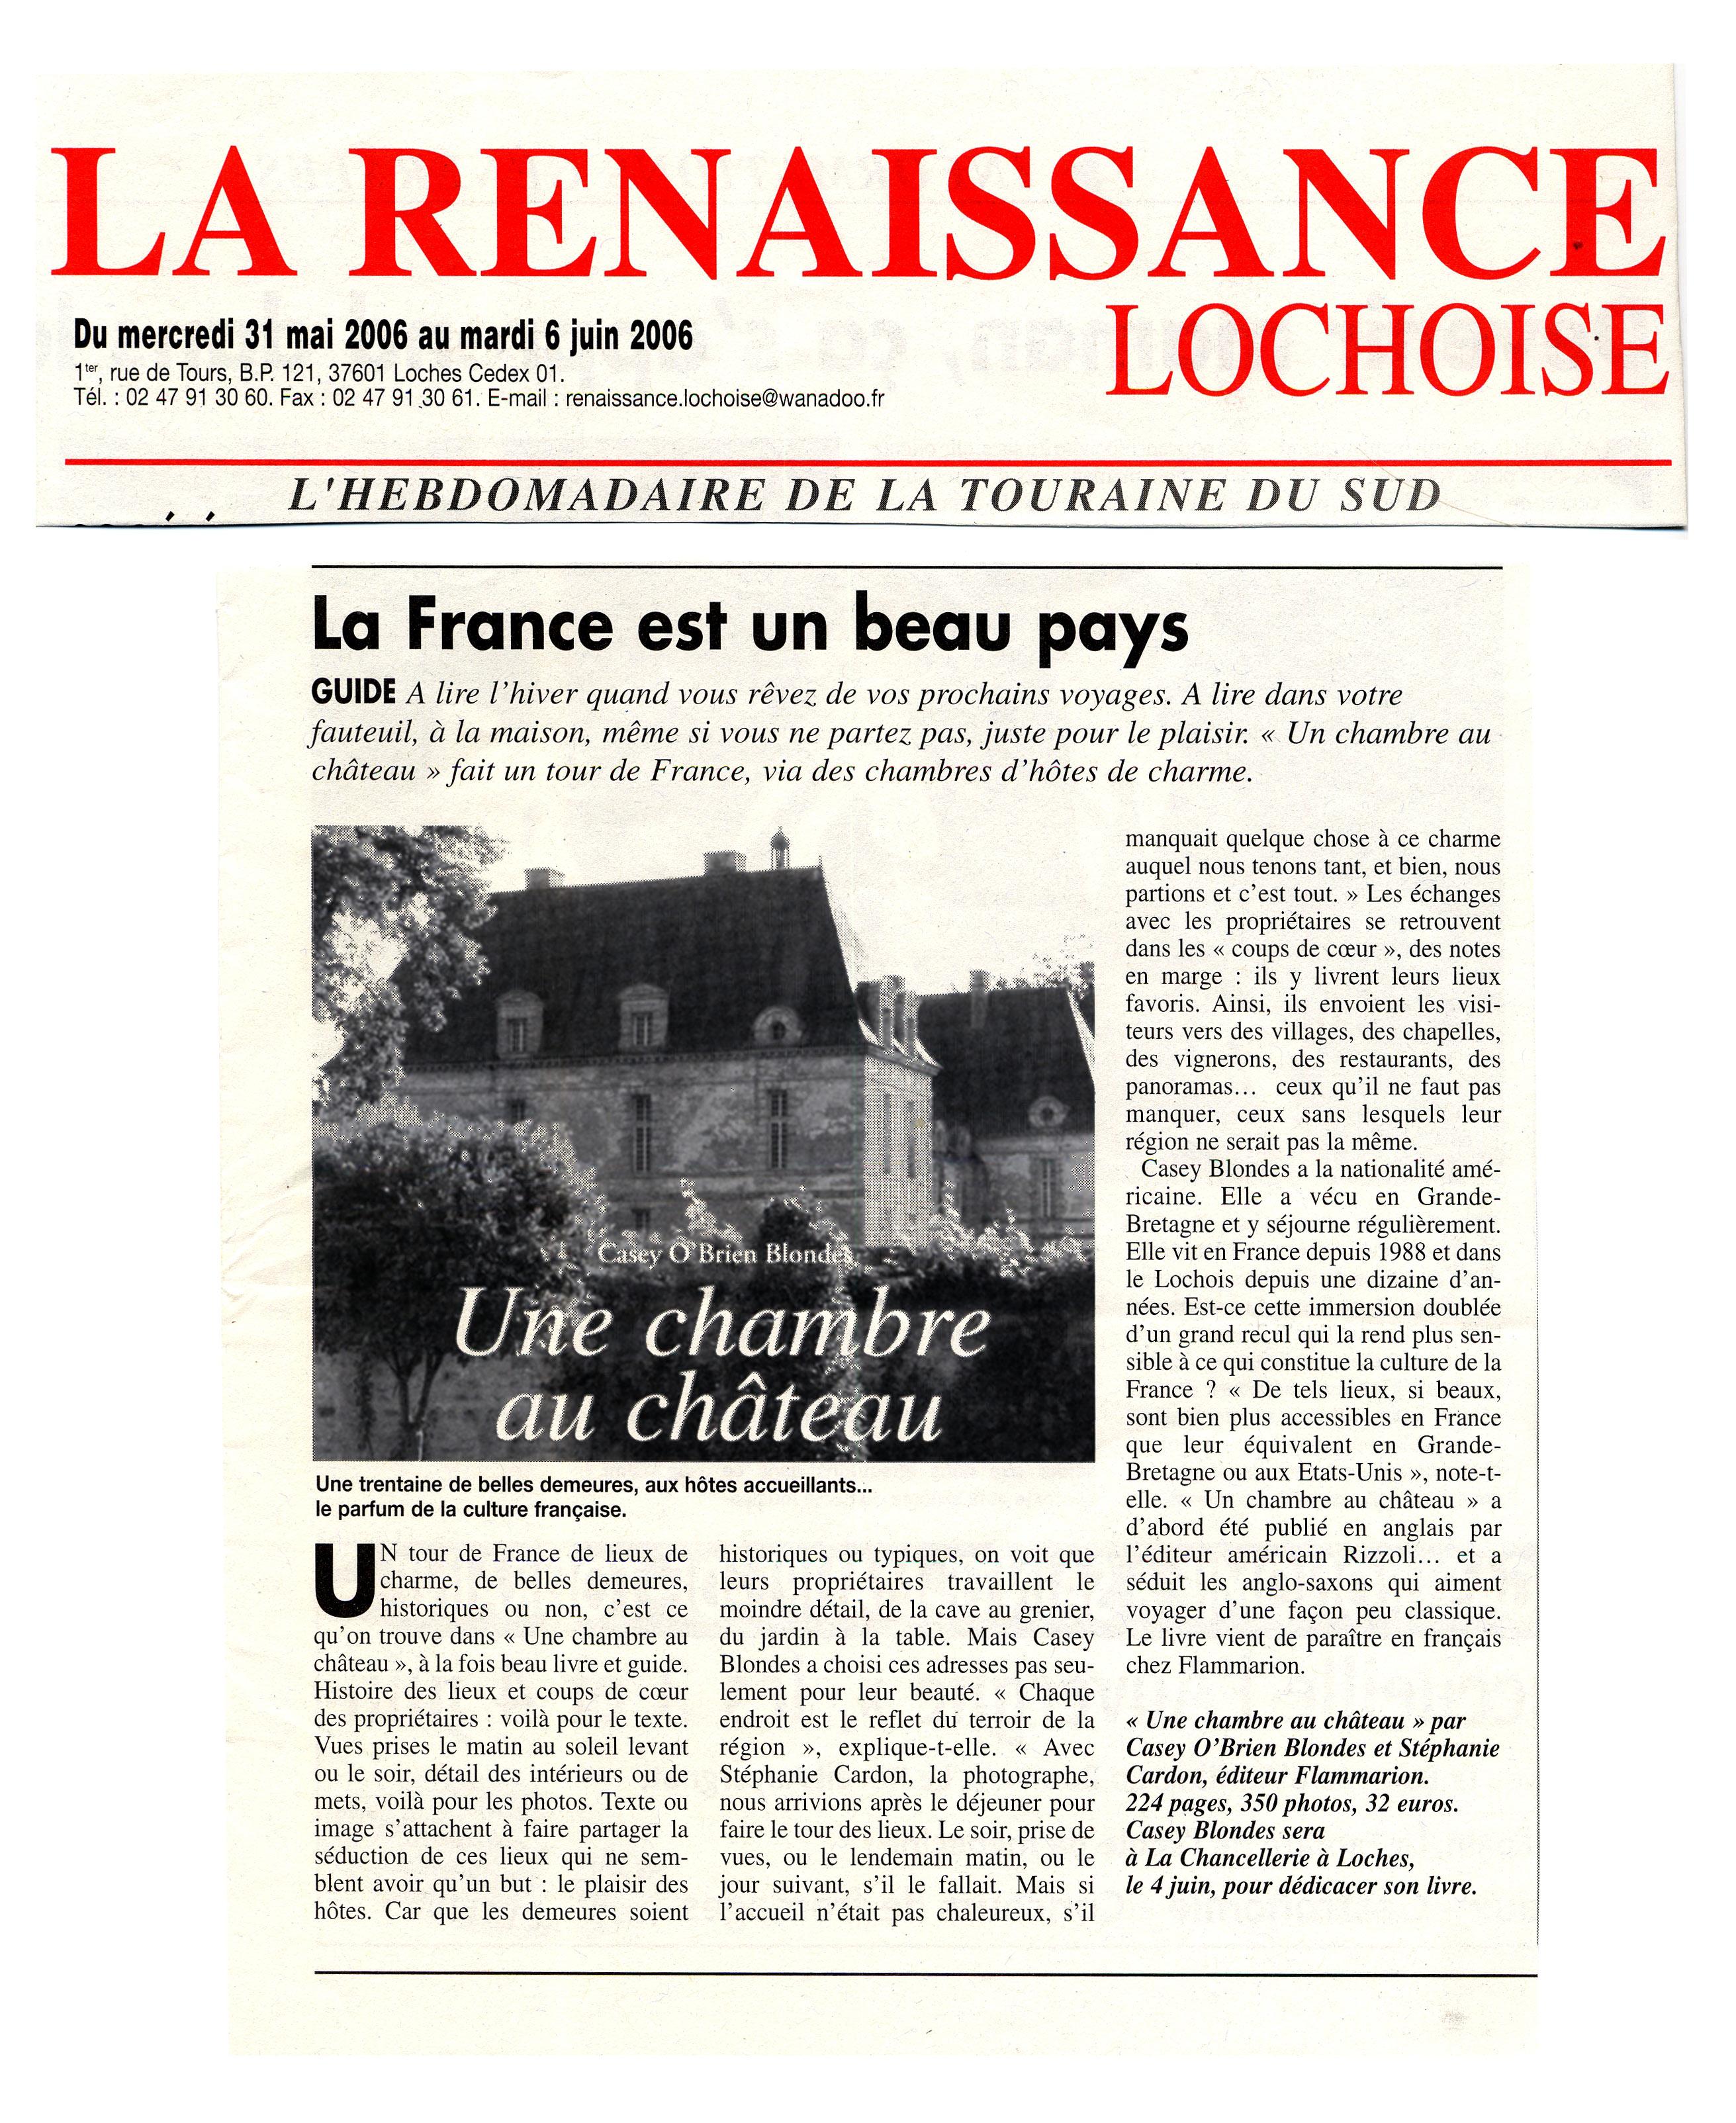 Casey o 39 brien blondes presse media for Renaissance lochoise